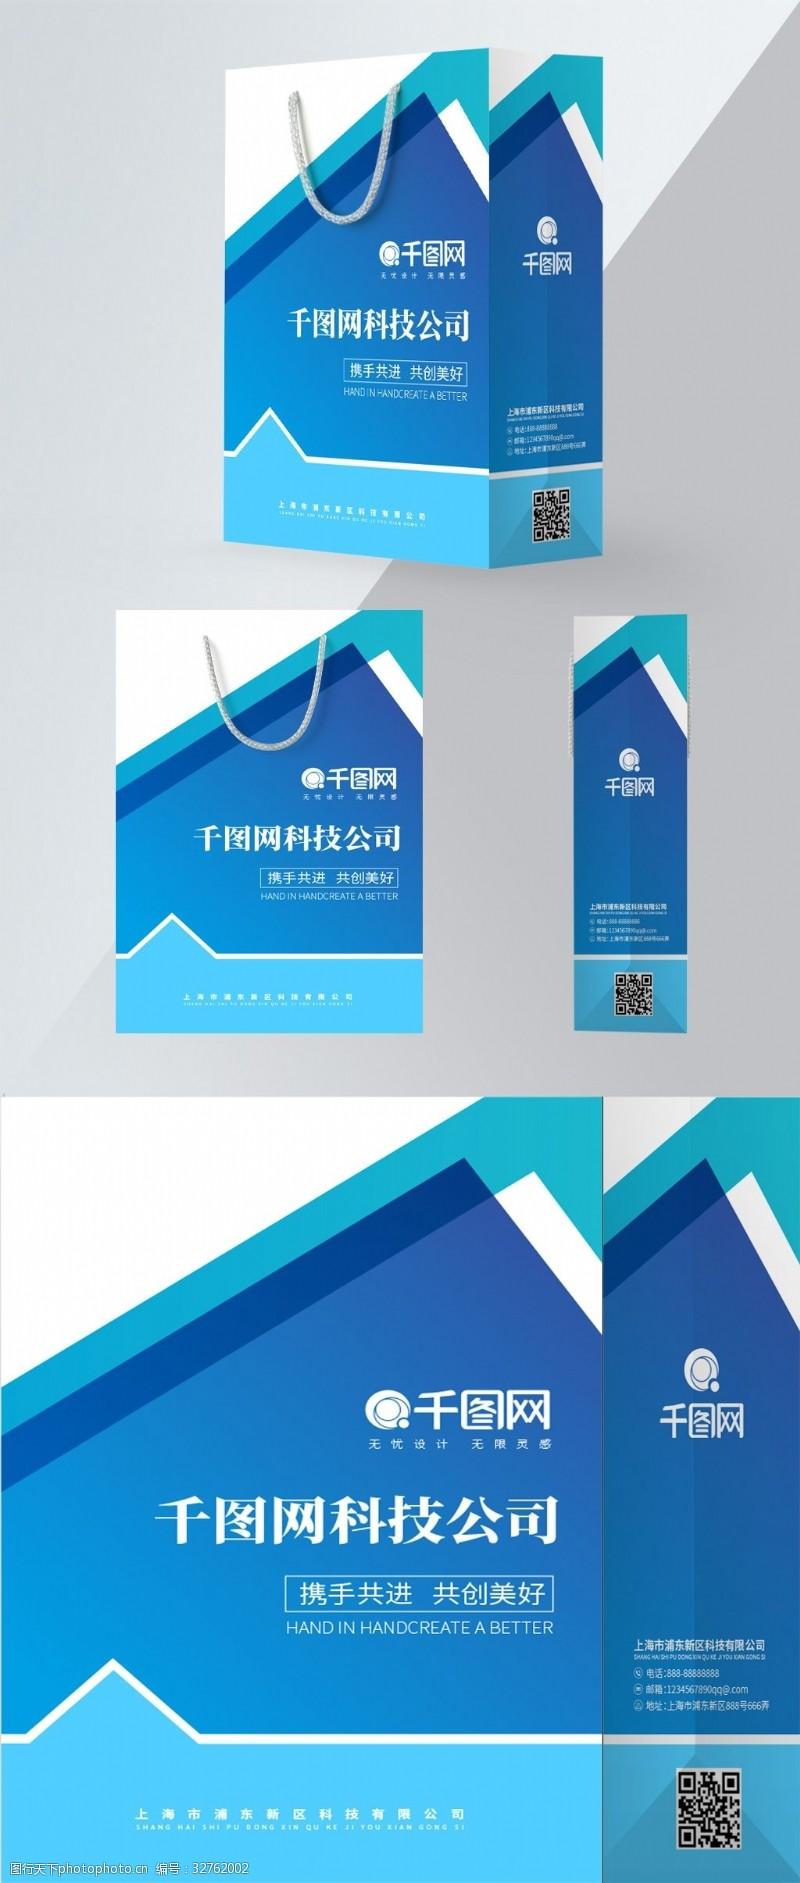 展会手提袋商务科技蓝色大气企业手提袋